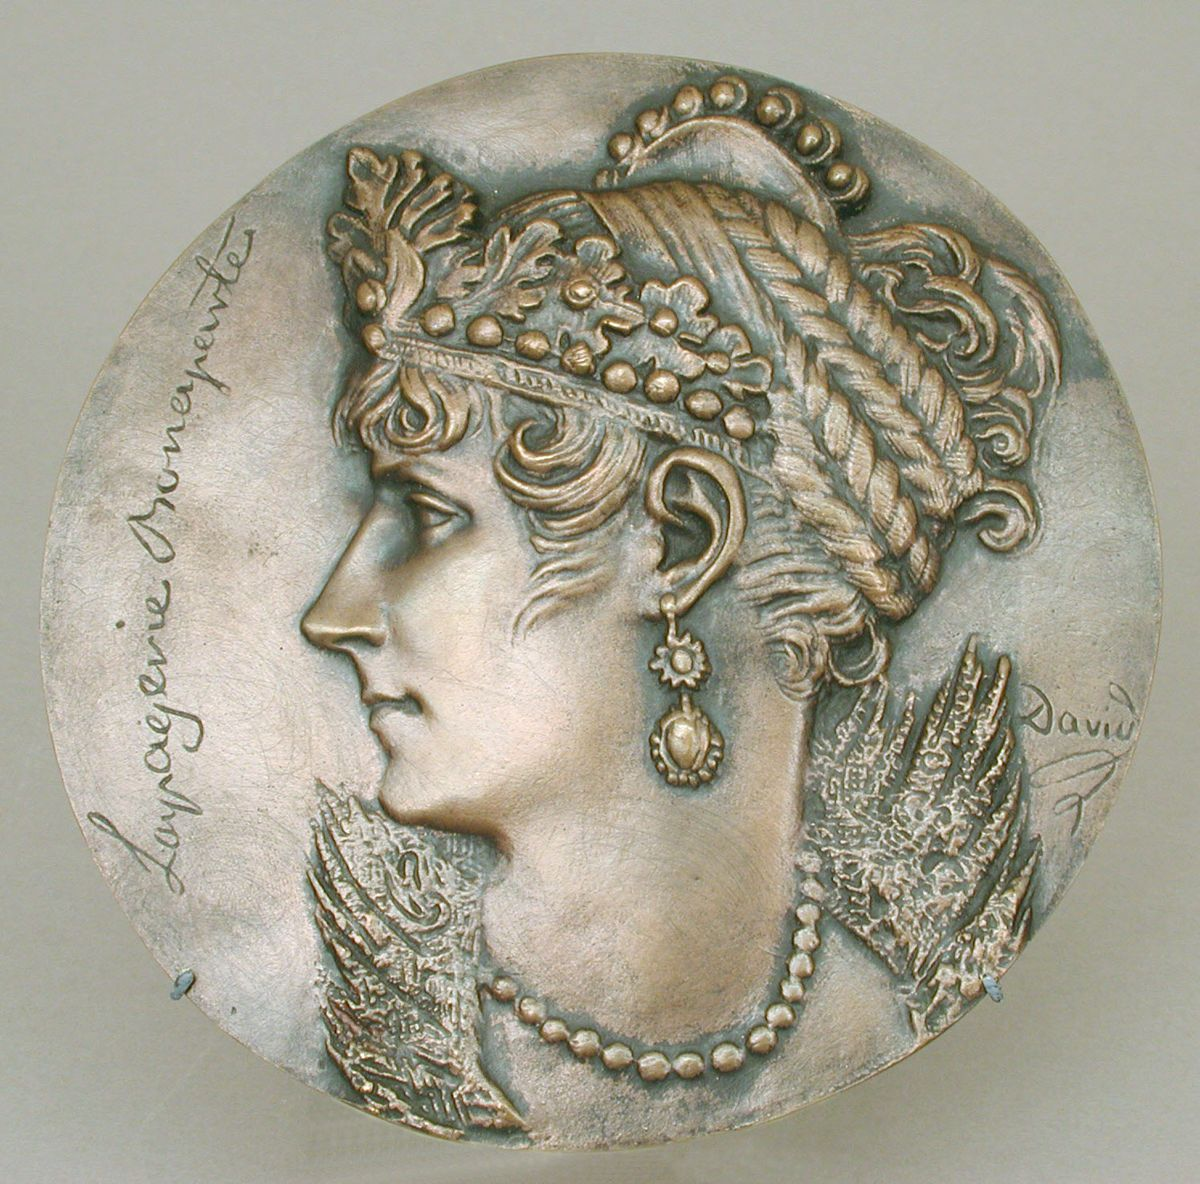 Josephine Bonaparte (née Tascher de la Pagerie), first